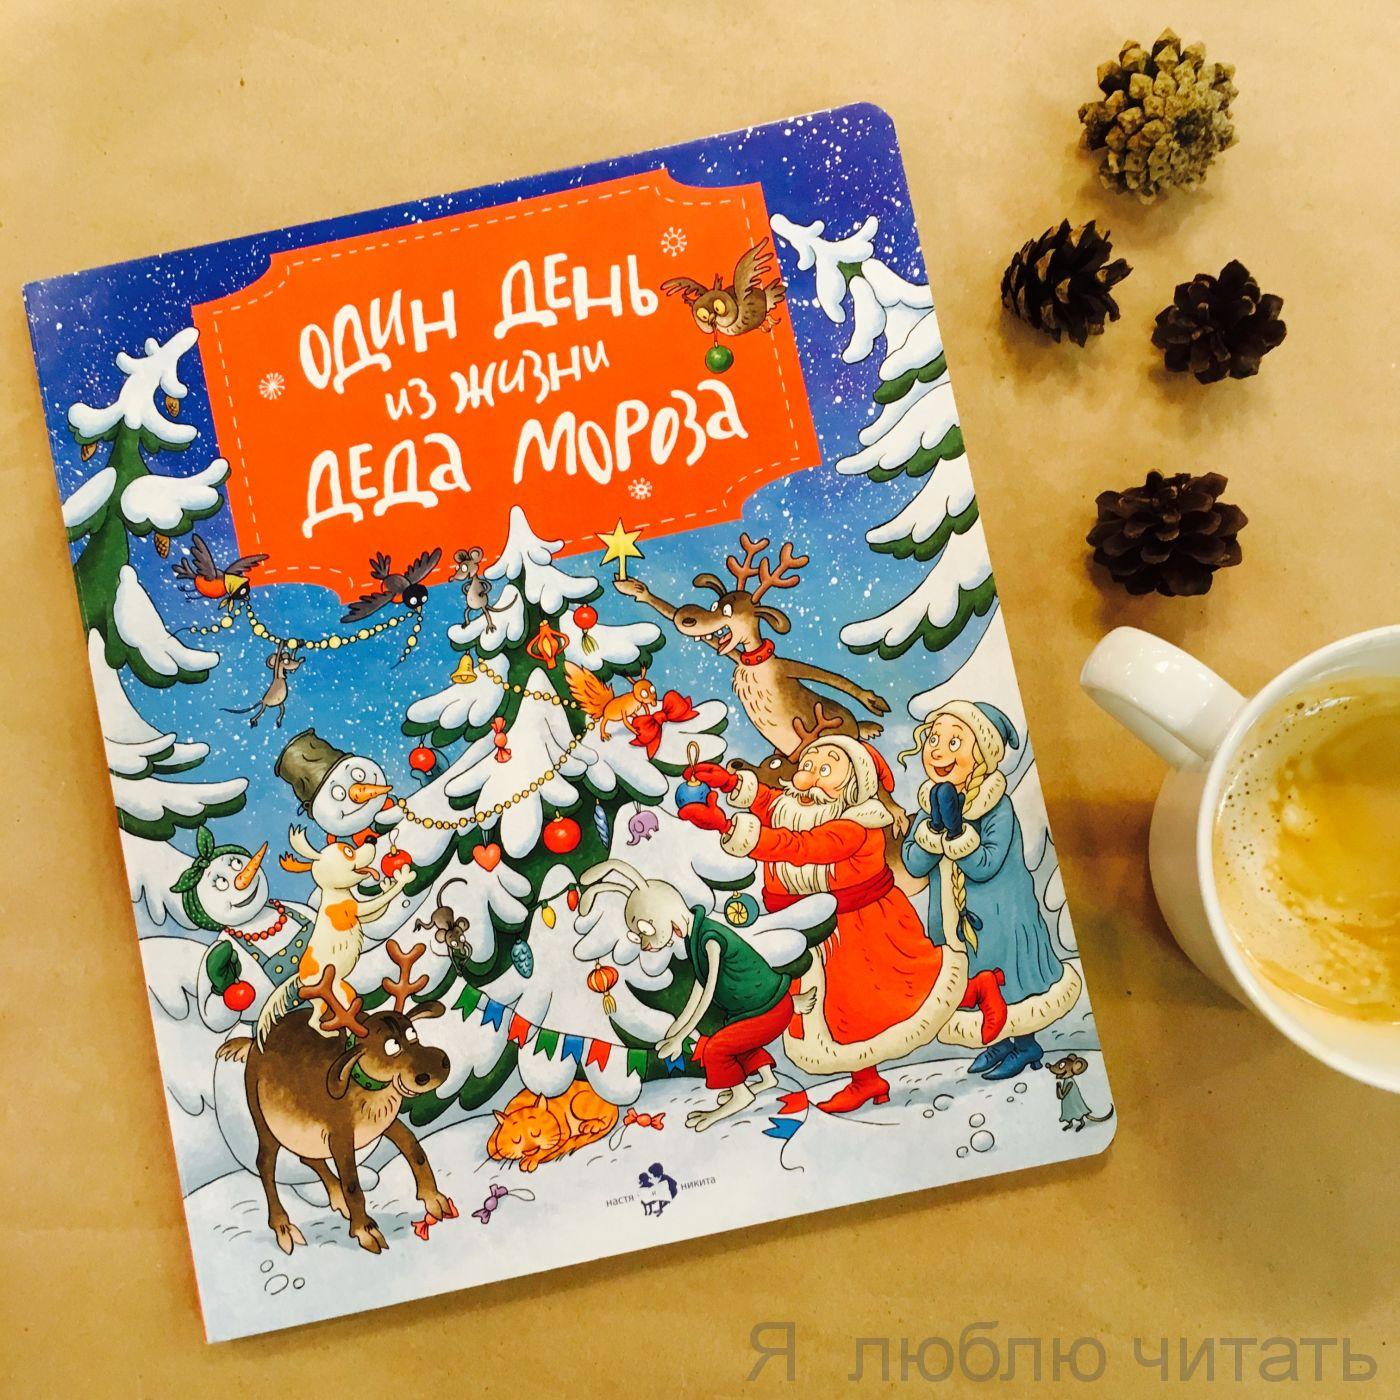 Книга «Один день из жизни Деда Мороза»